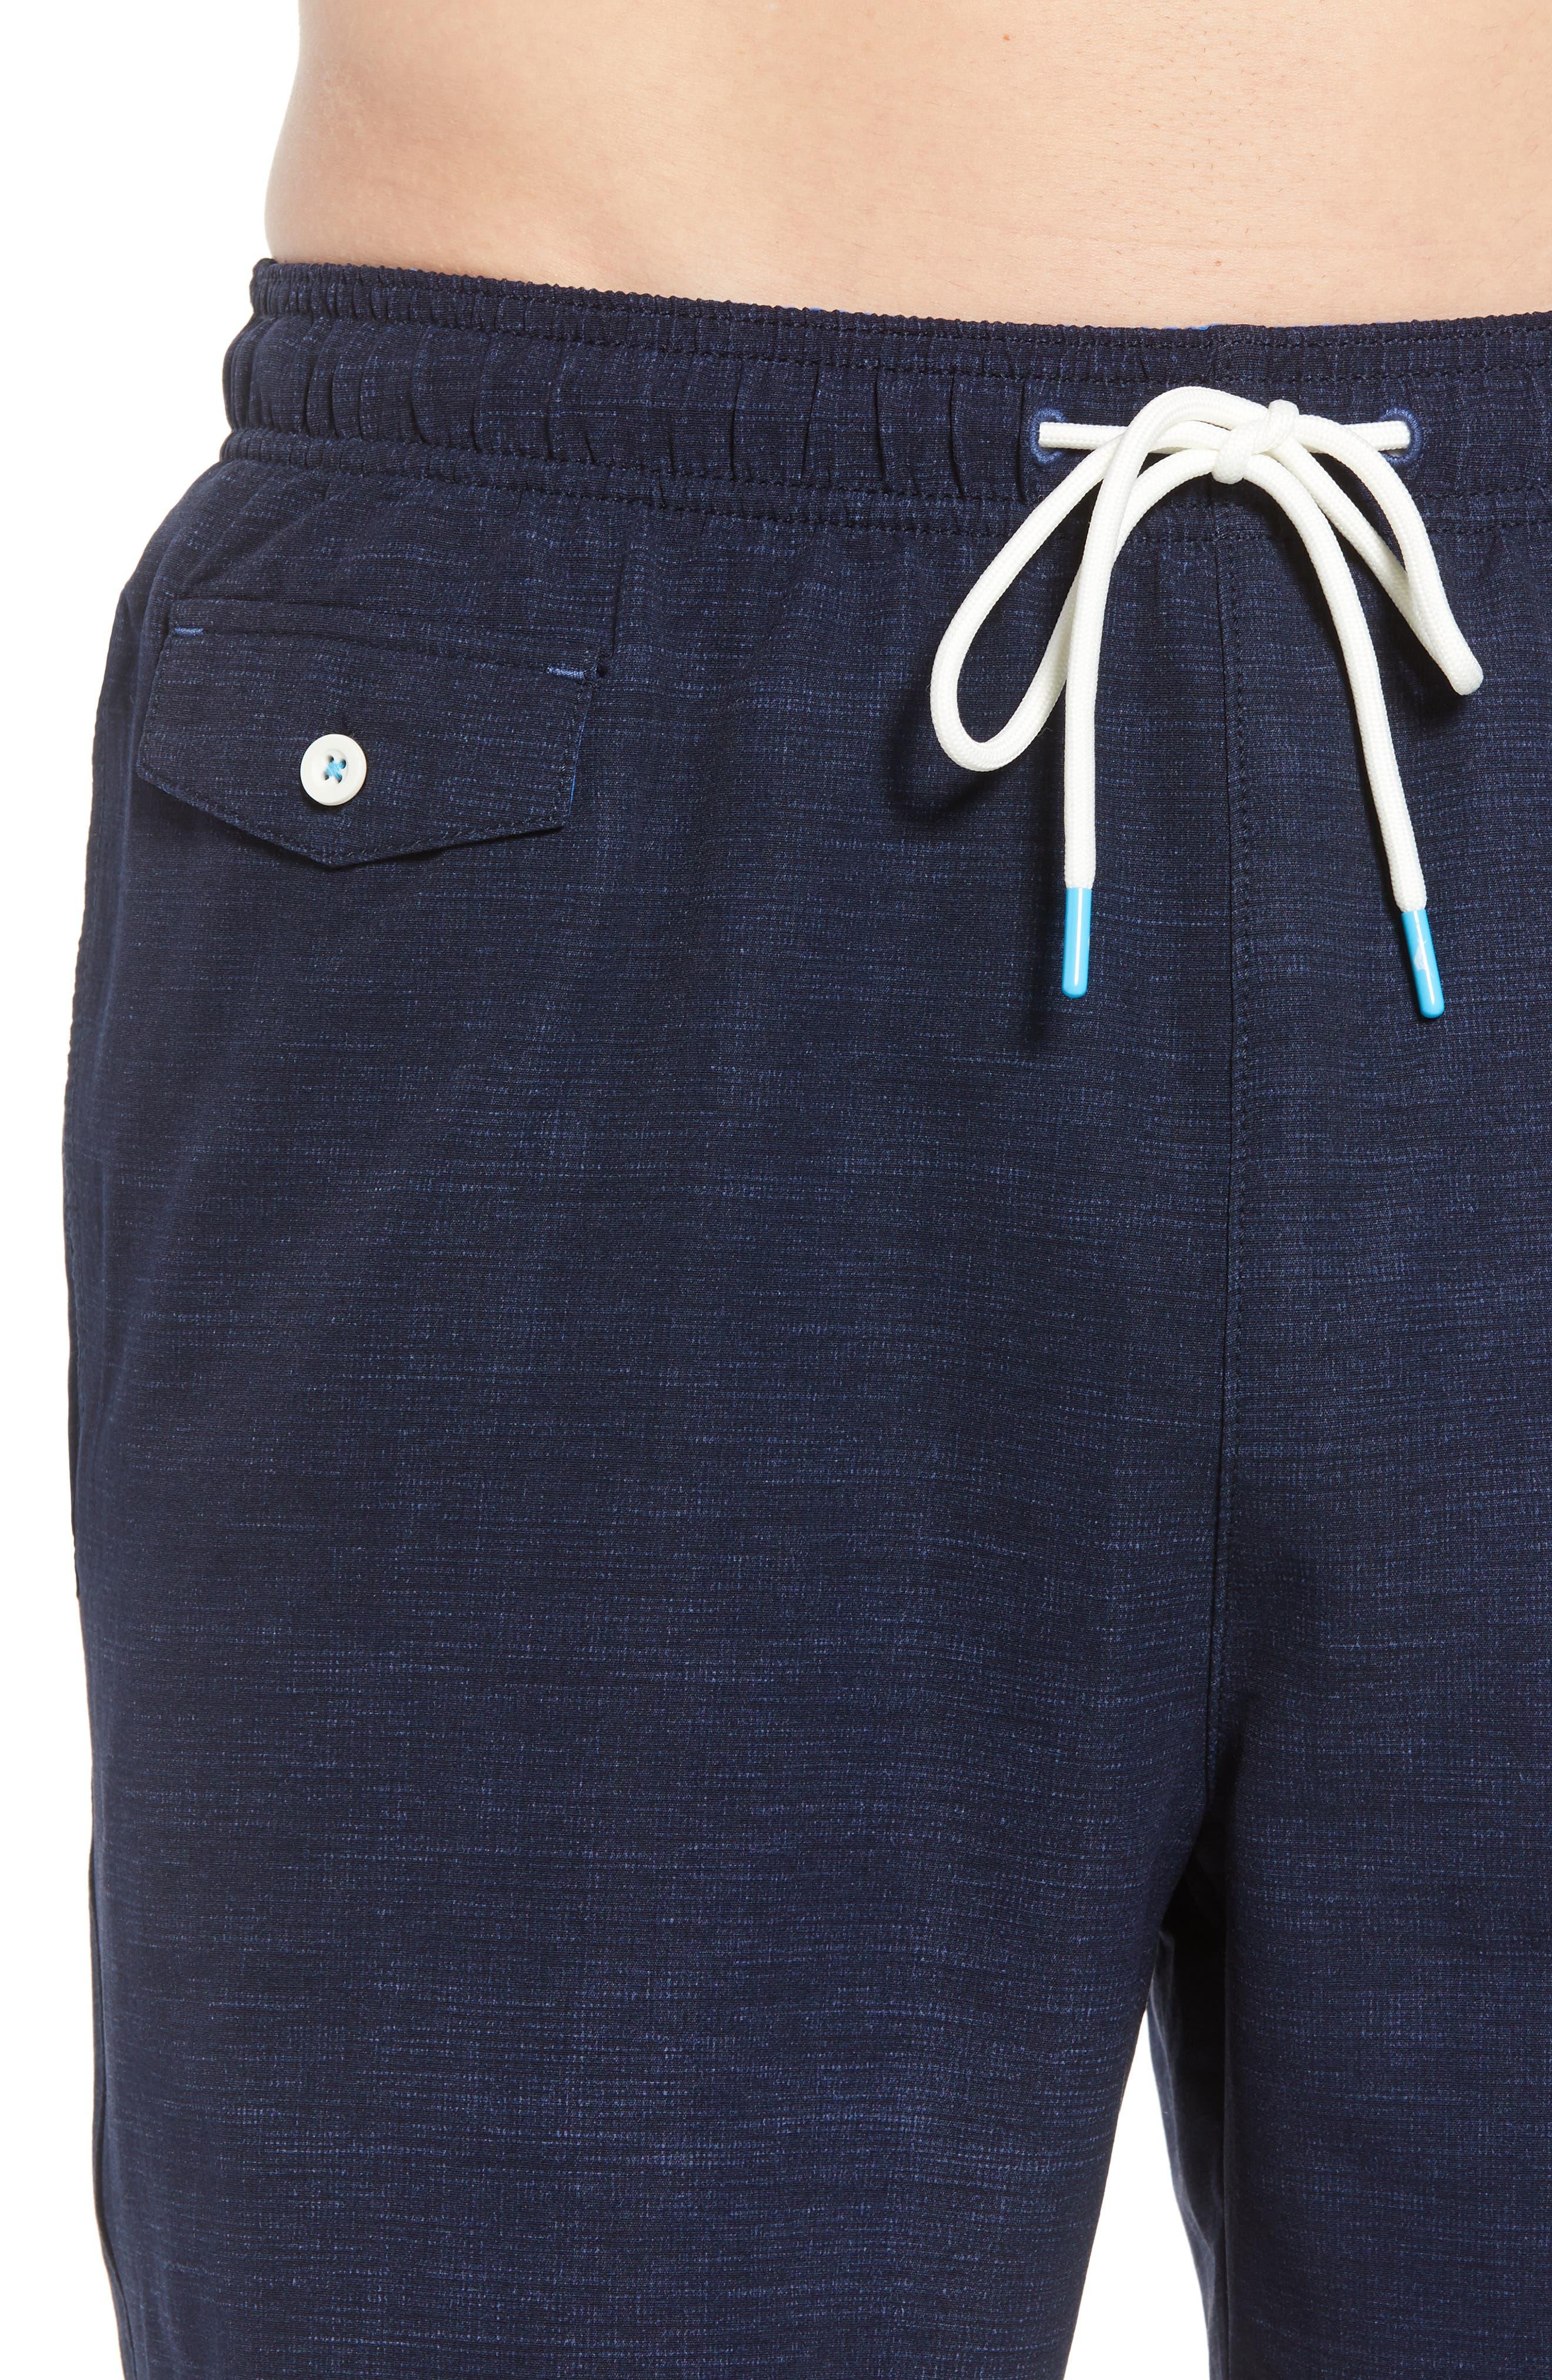 Naples Point Swim Trunks,                             Alternate thumbnail 4, color,                             401